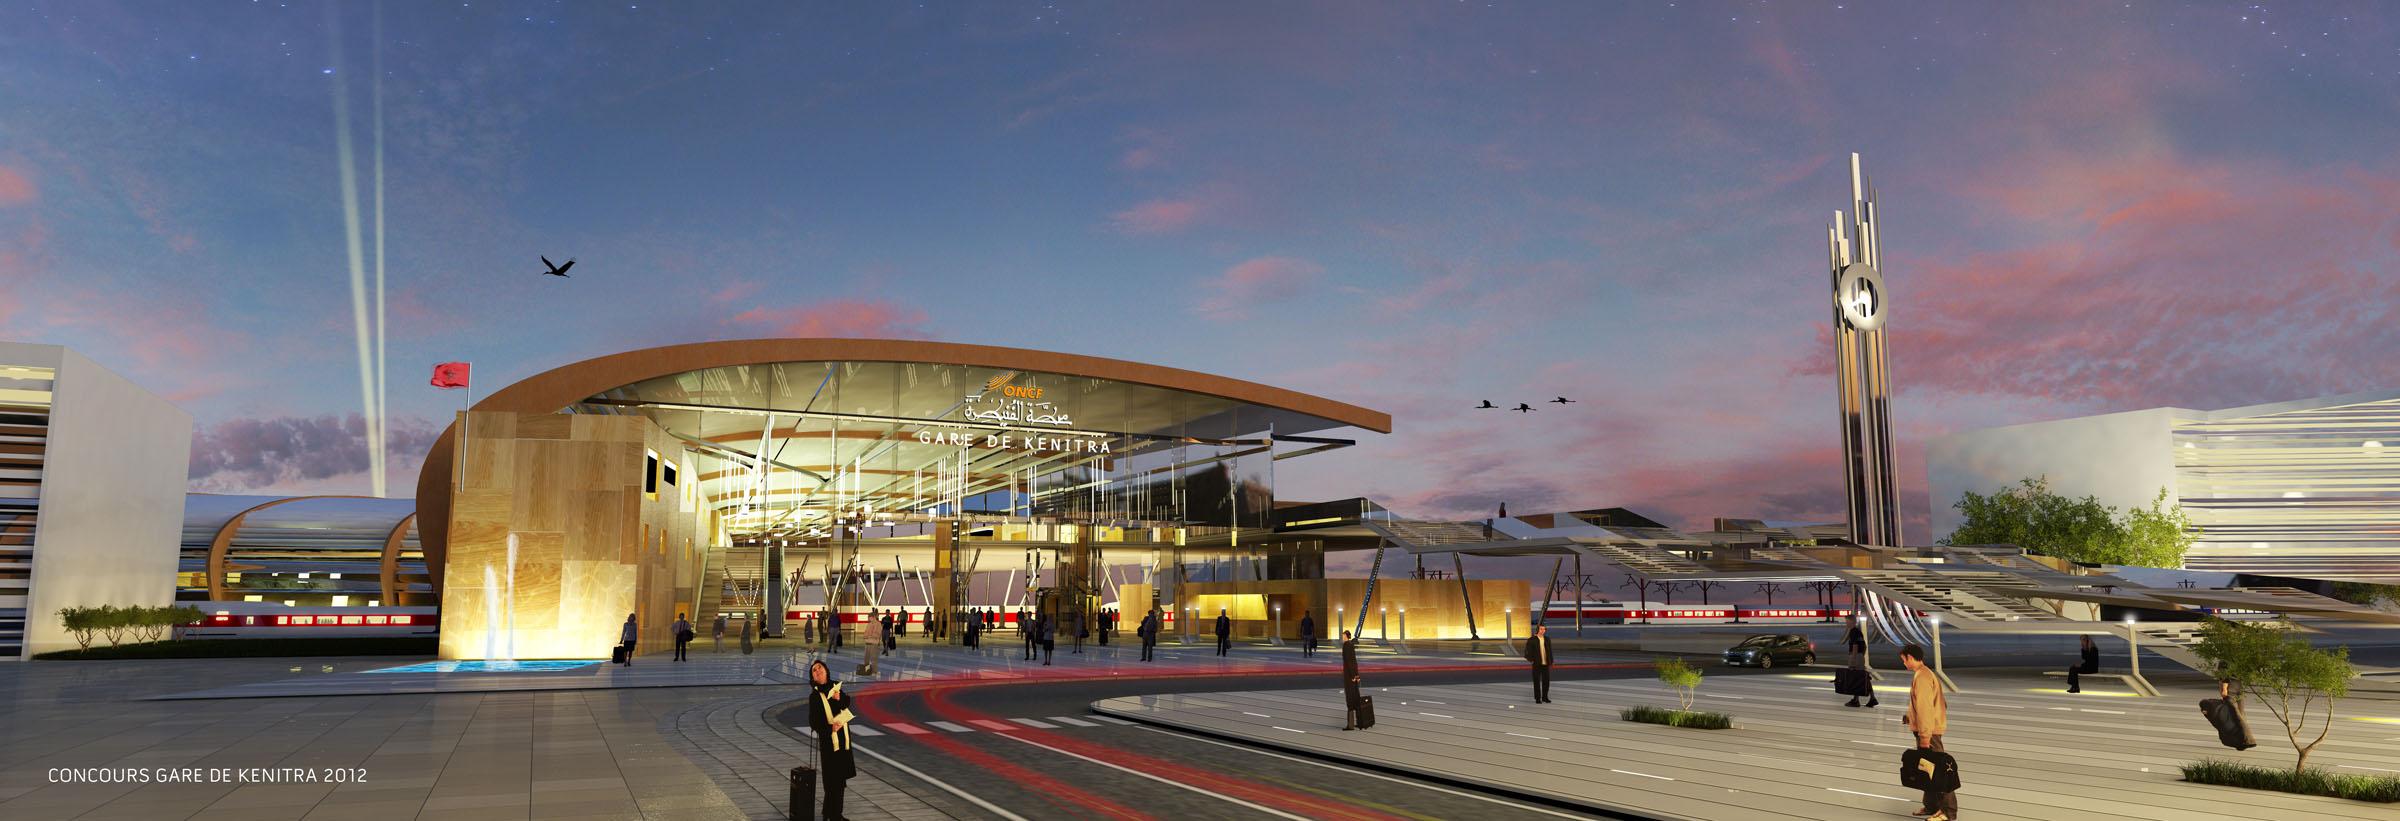 Gare de Kenitra